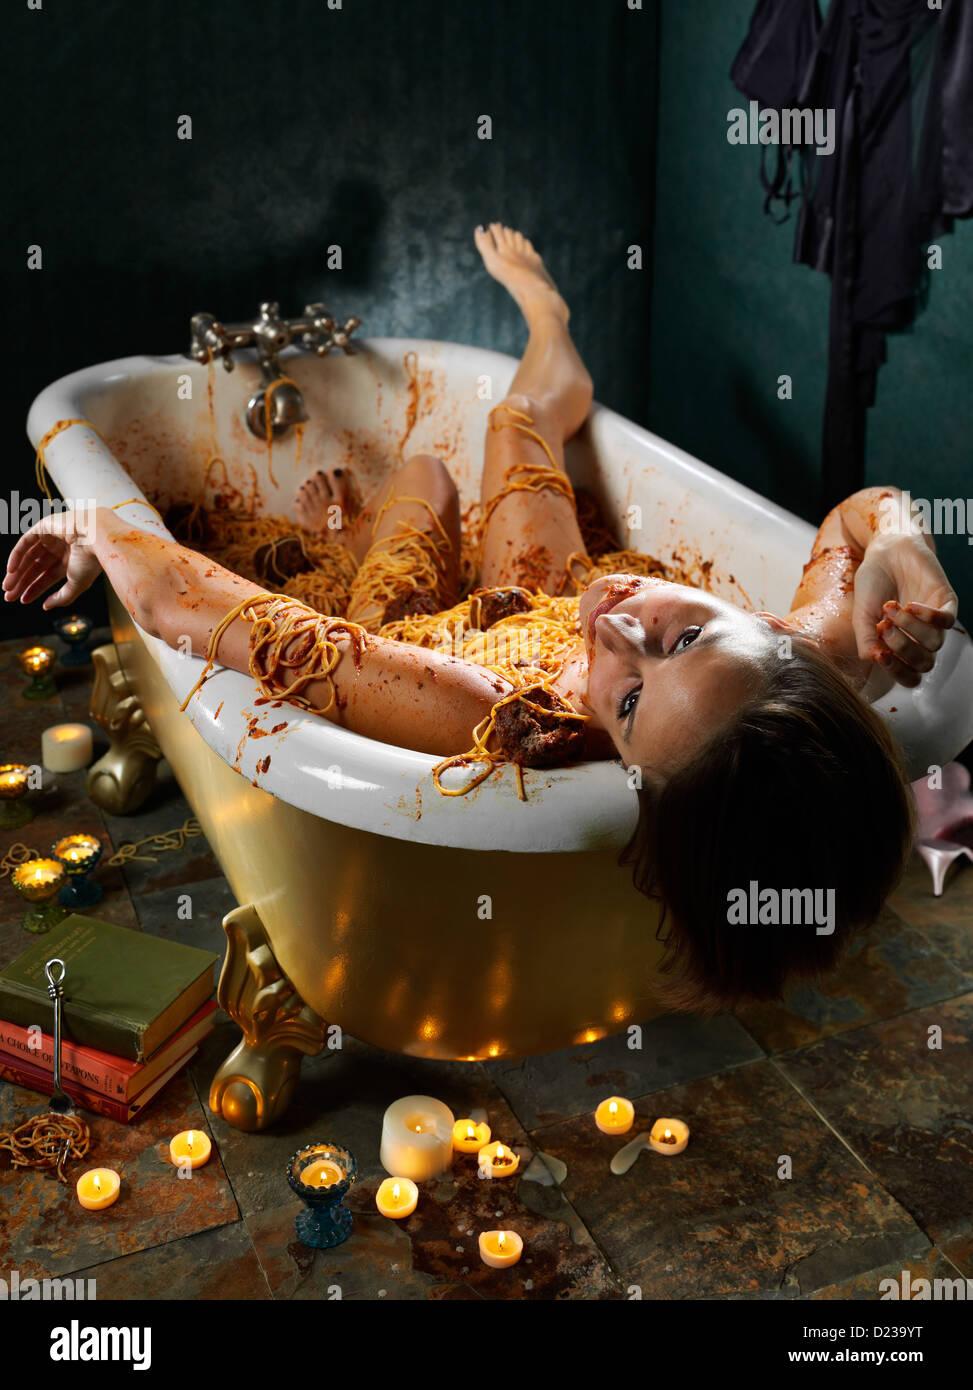 Los alimentos de la escena del crimen con la muerte por gula. Imagen De Stock